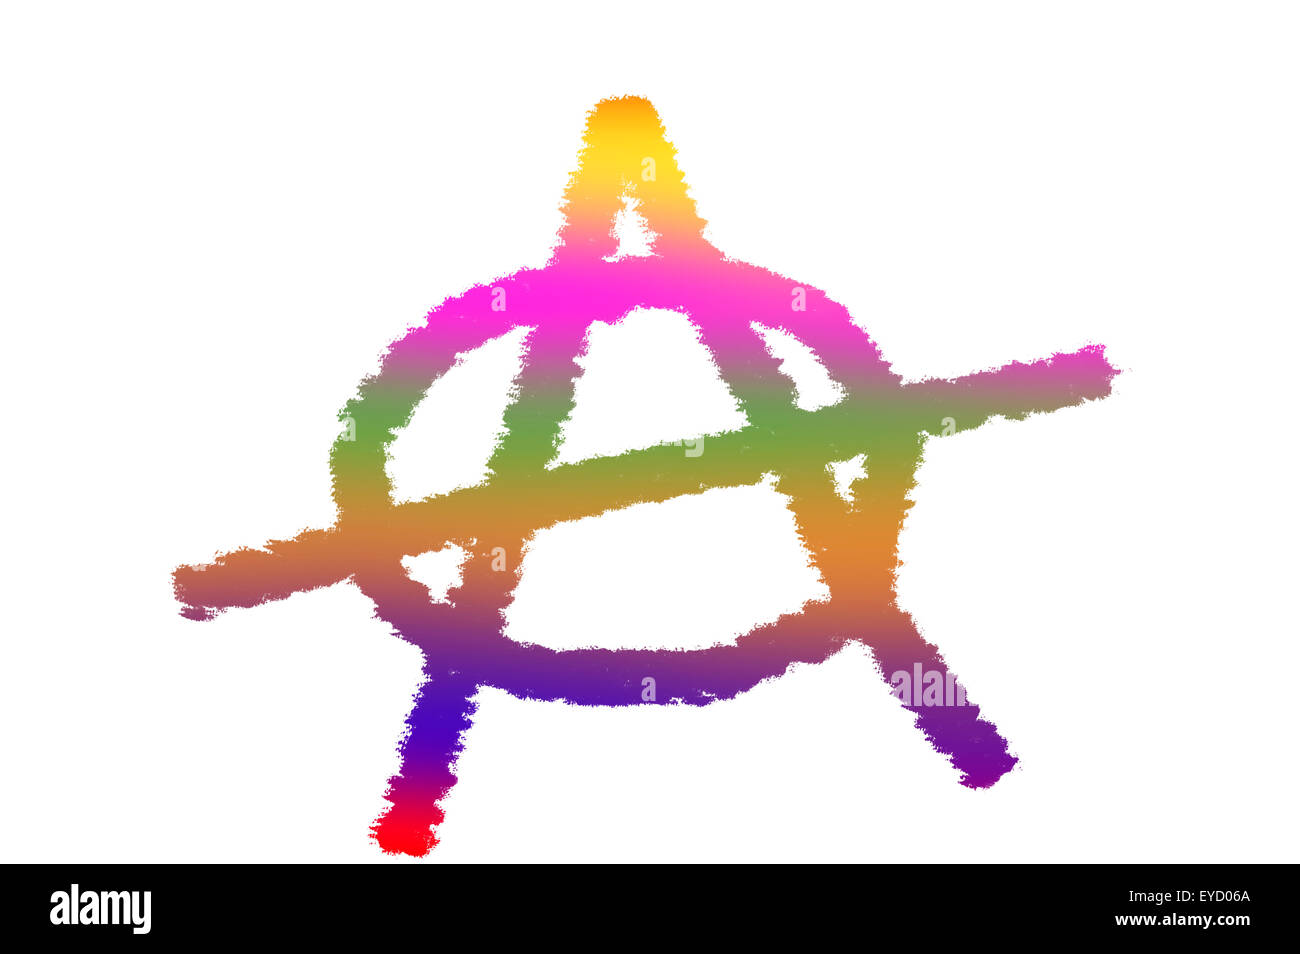 Multicolored anarchy symbol on white background stock photo multicolored anarchy symbol on white background buycottarizona